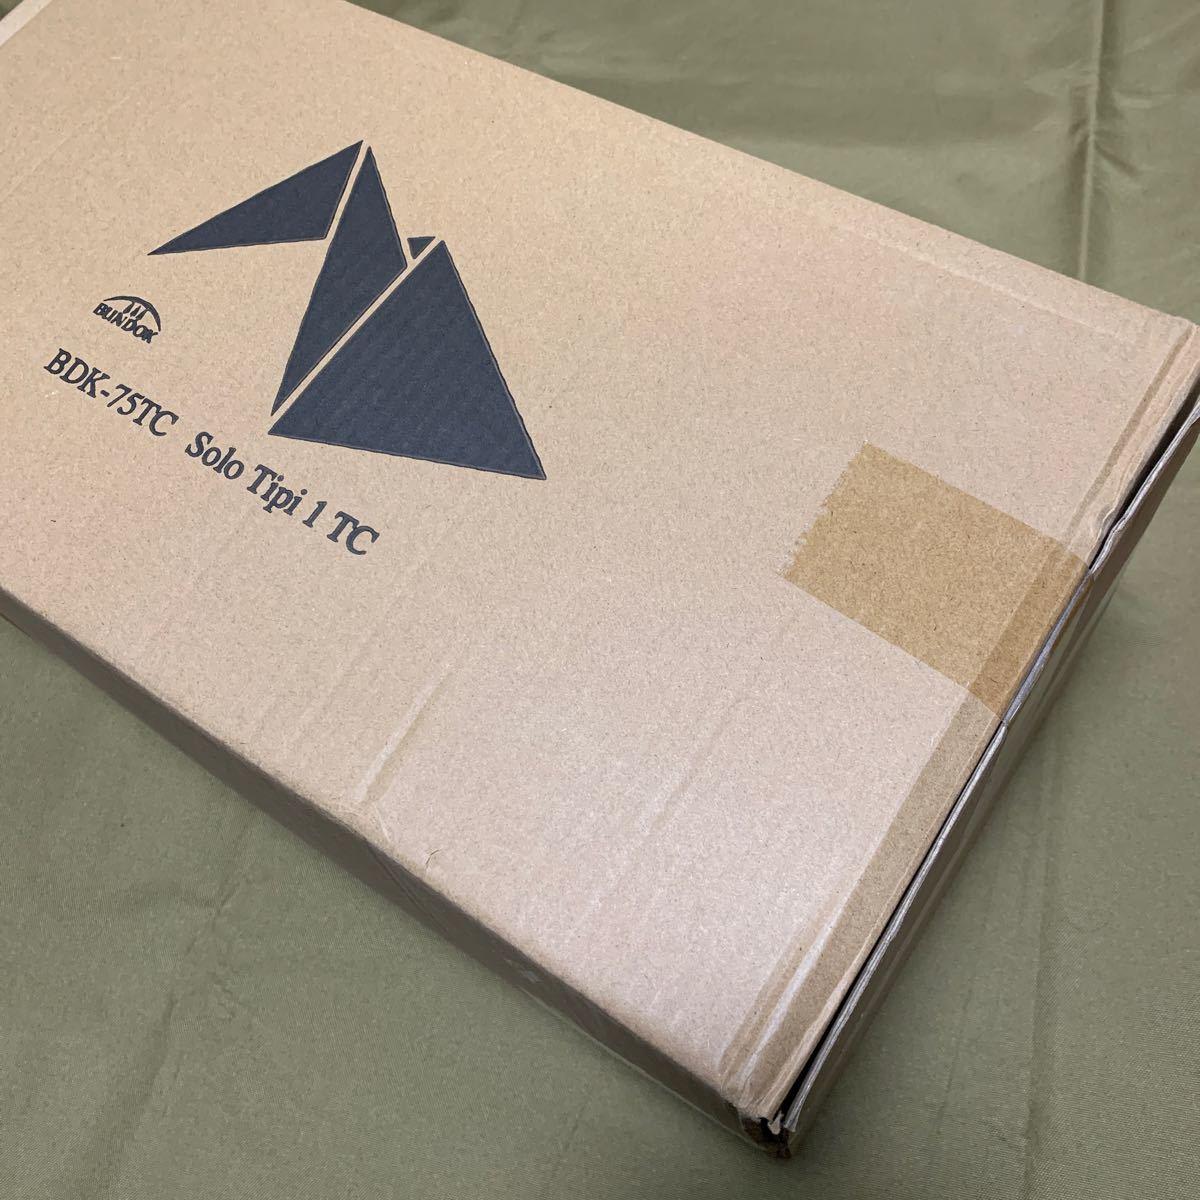 ★新品未開封★BUNDOK(バンドック) ソロ ティピー 1 TC BDK-75TC  カーキ色 ワンポール テント